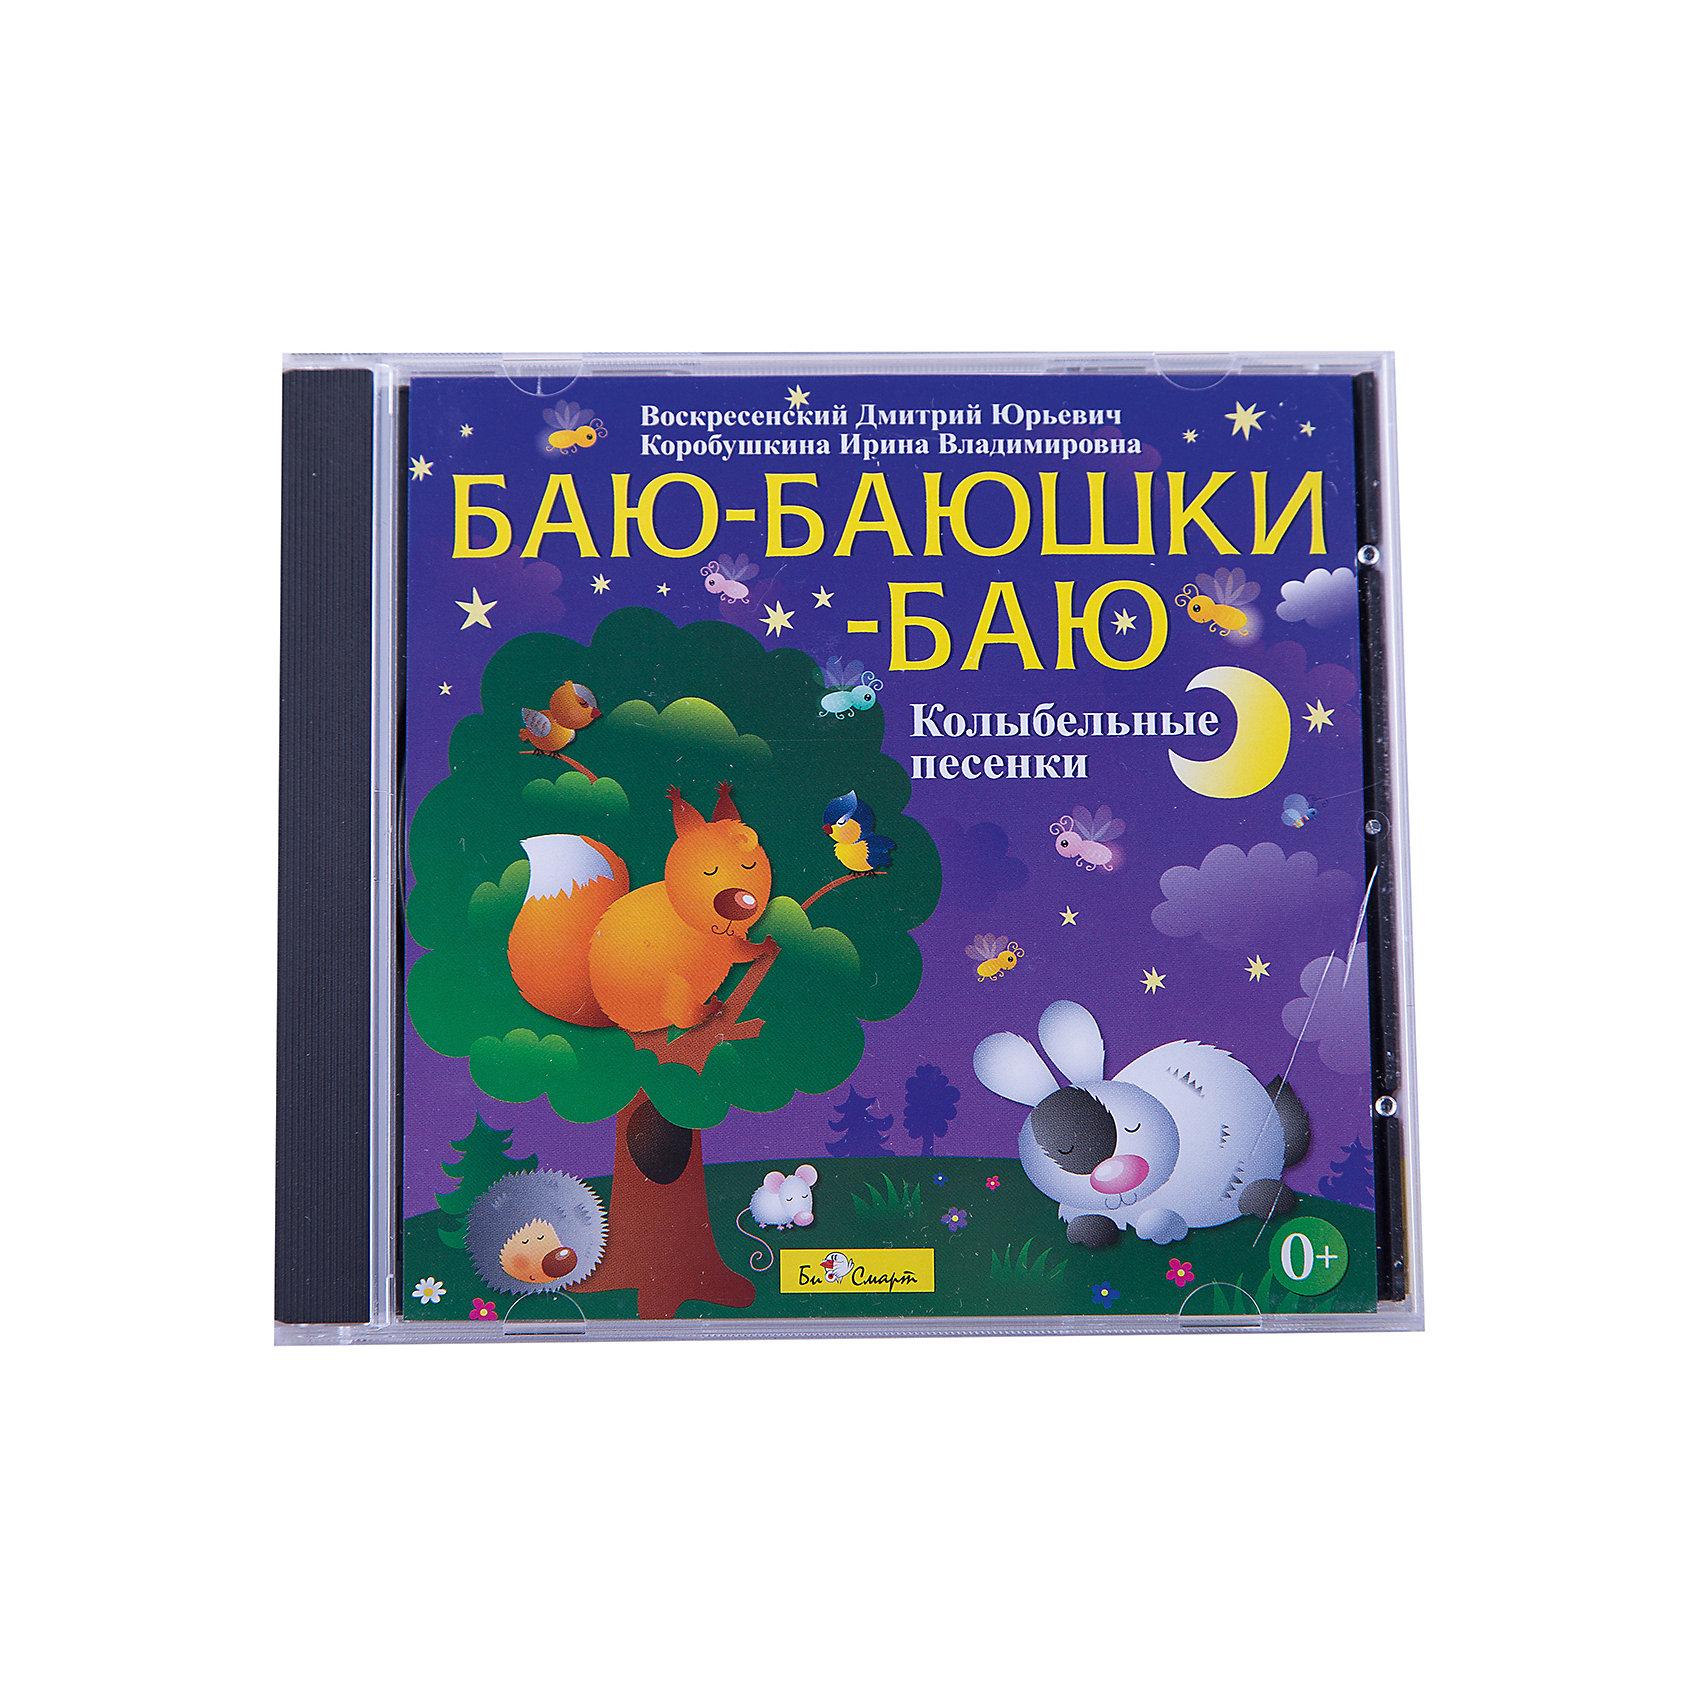 Баю-баюшки-баю (колыбельные песенки), CD